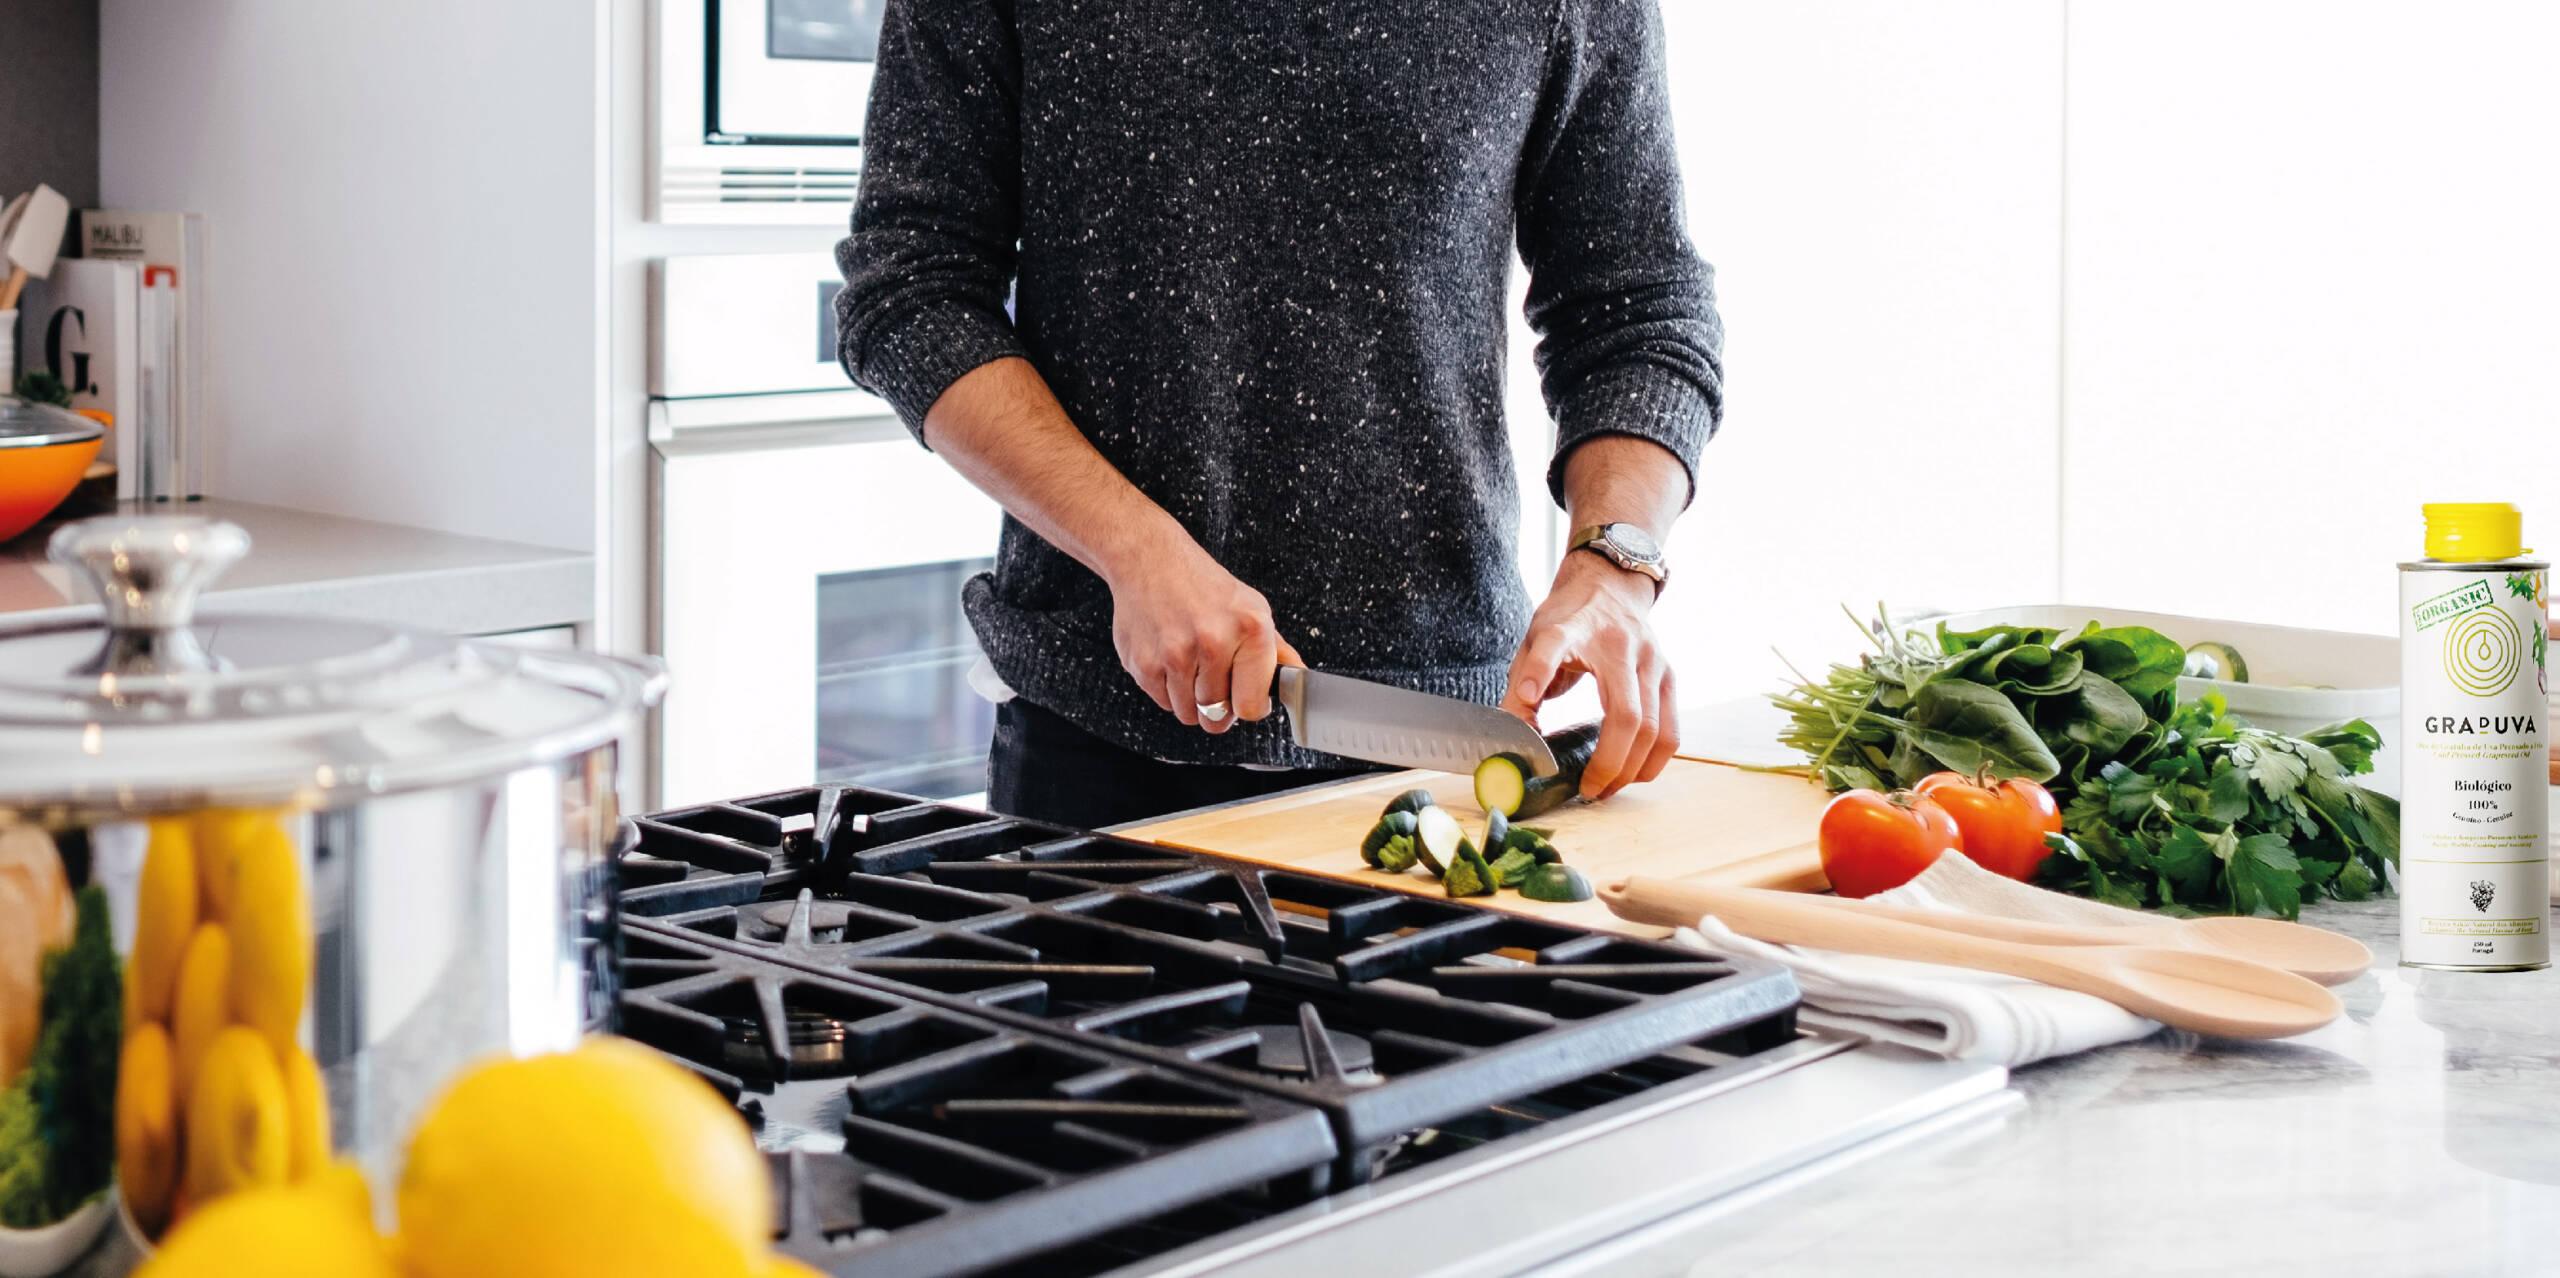 Uma alimentação mais saudável começa também na preparação